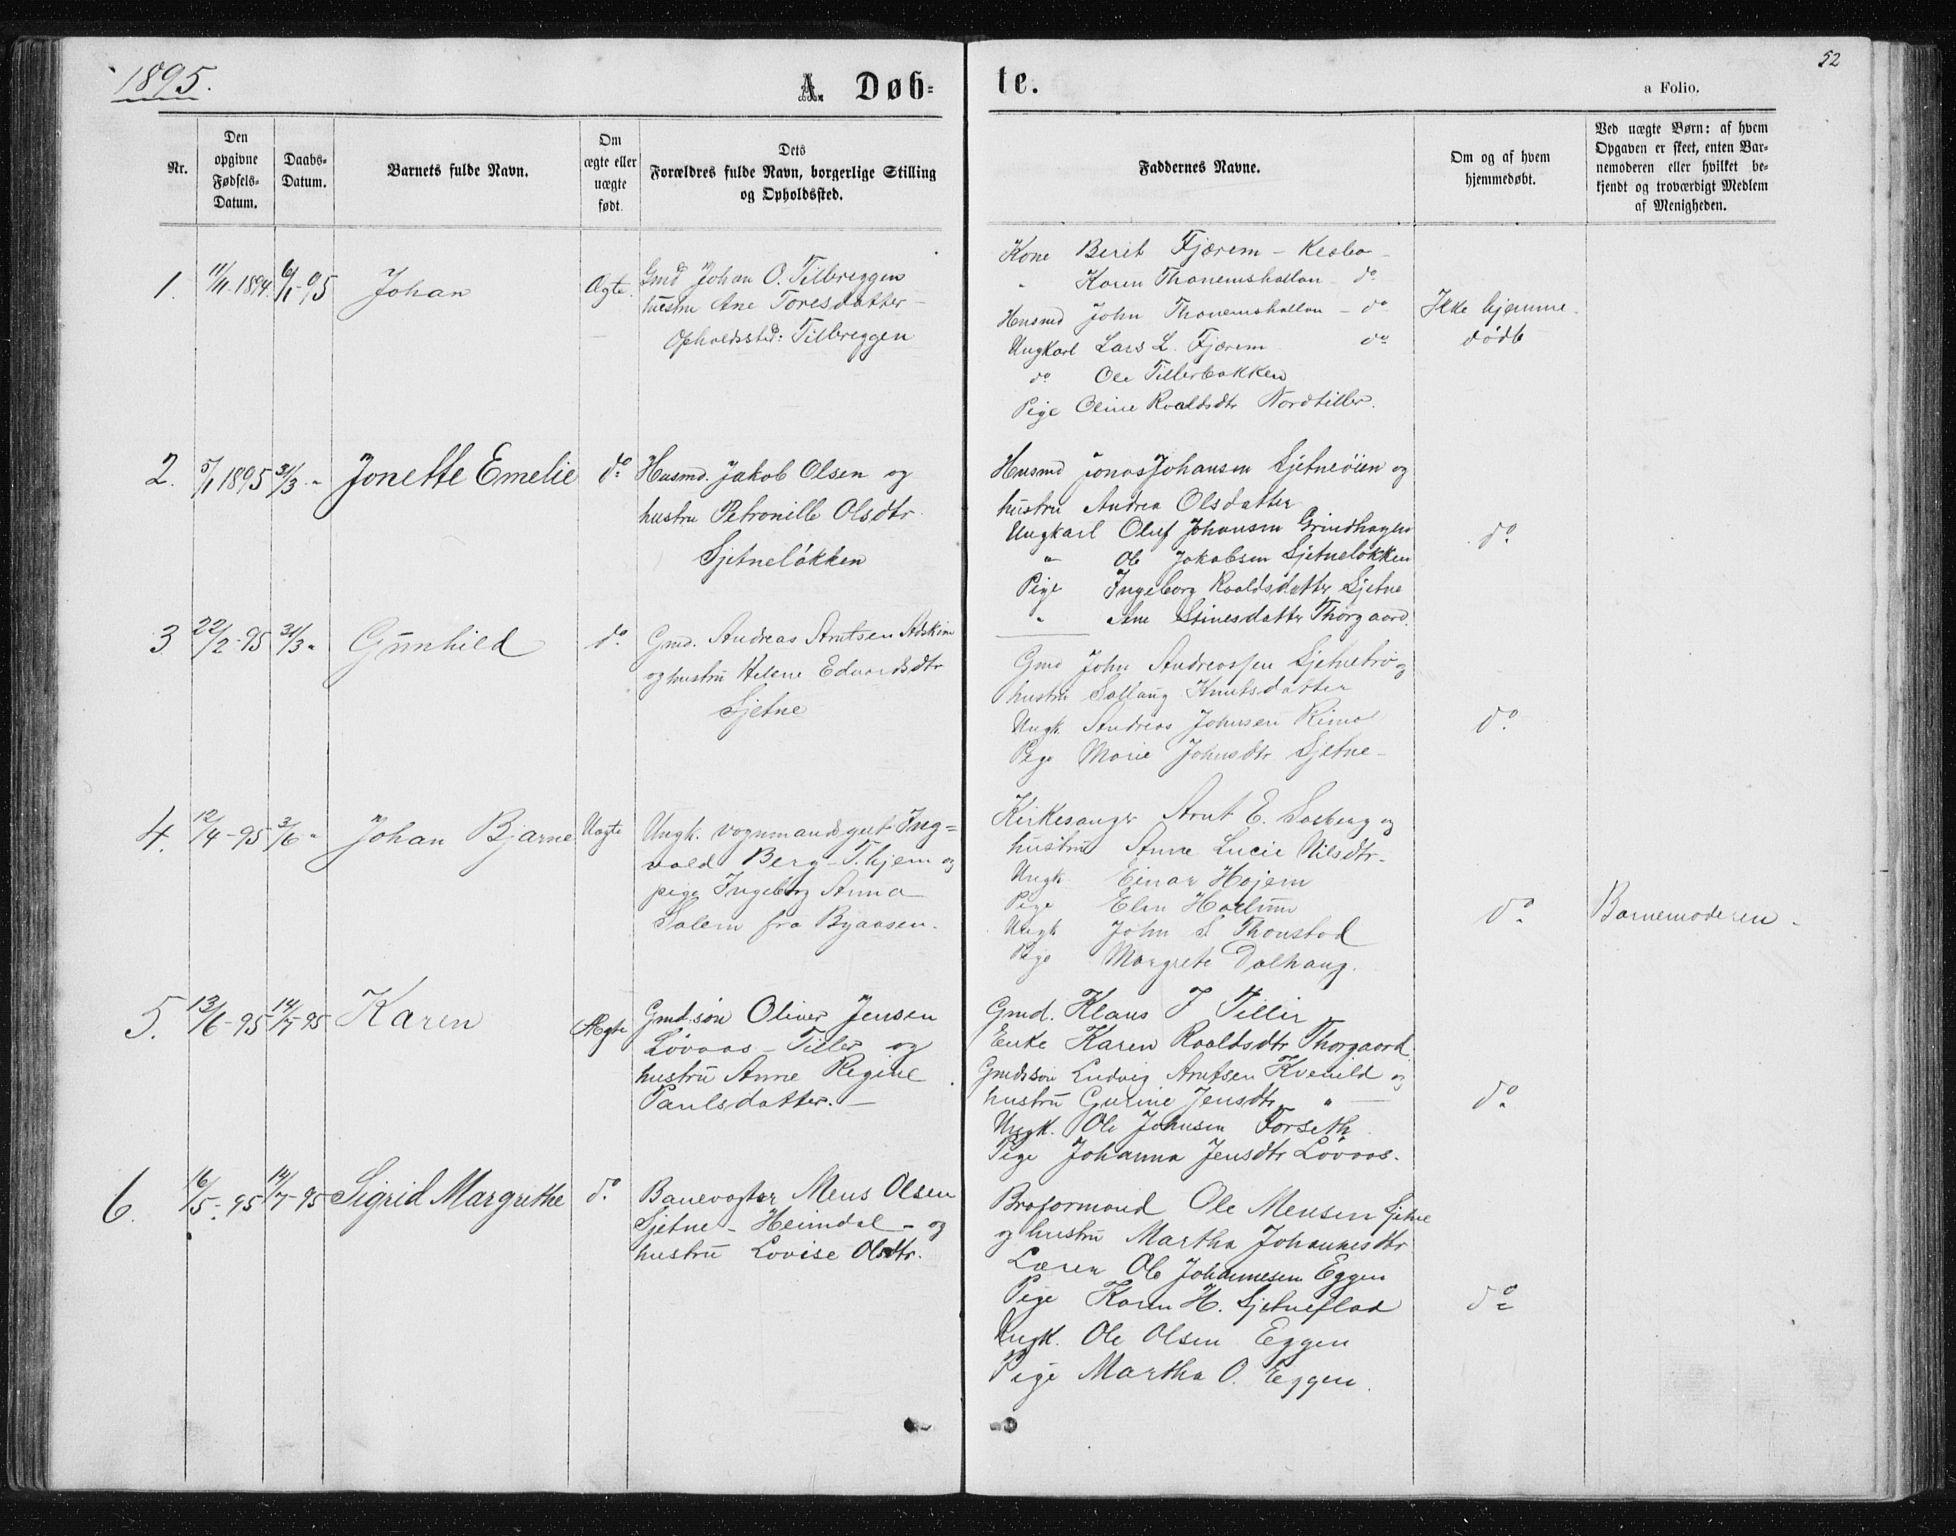 SAT, Ministerialprotokoller, klokkerbøker og fødselsregistre - Sør-Trøndelag, 621/L0459: Klokkerbok nr. 621C02, 1866-1895, s. 52